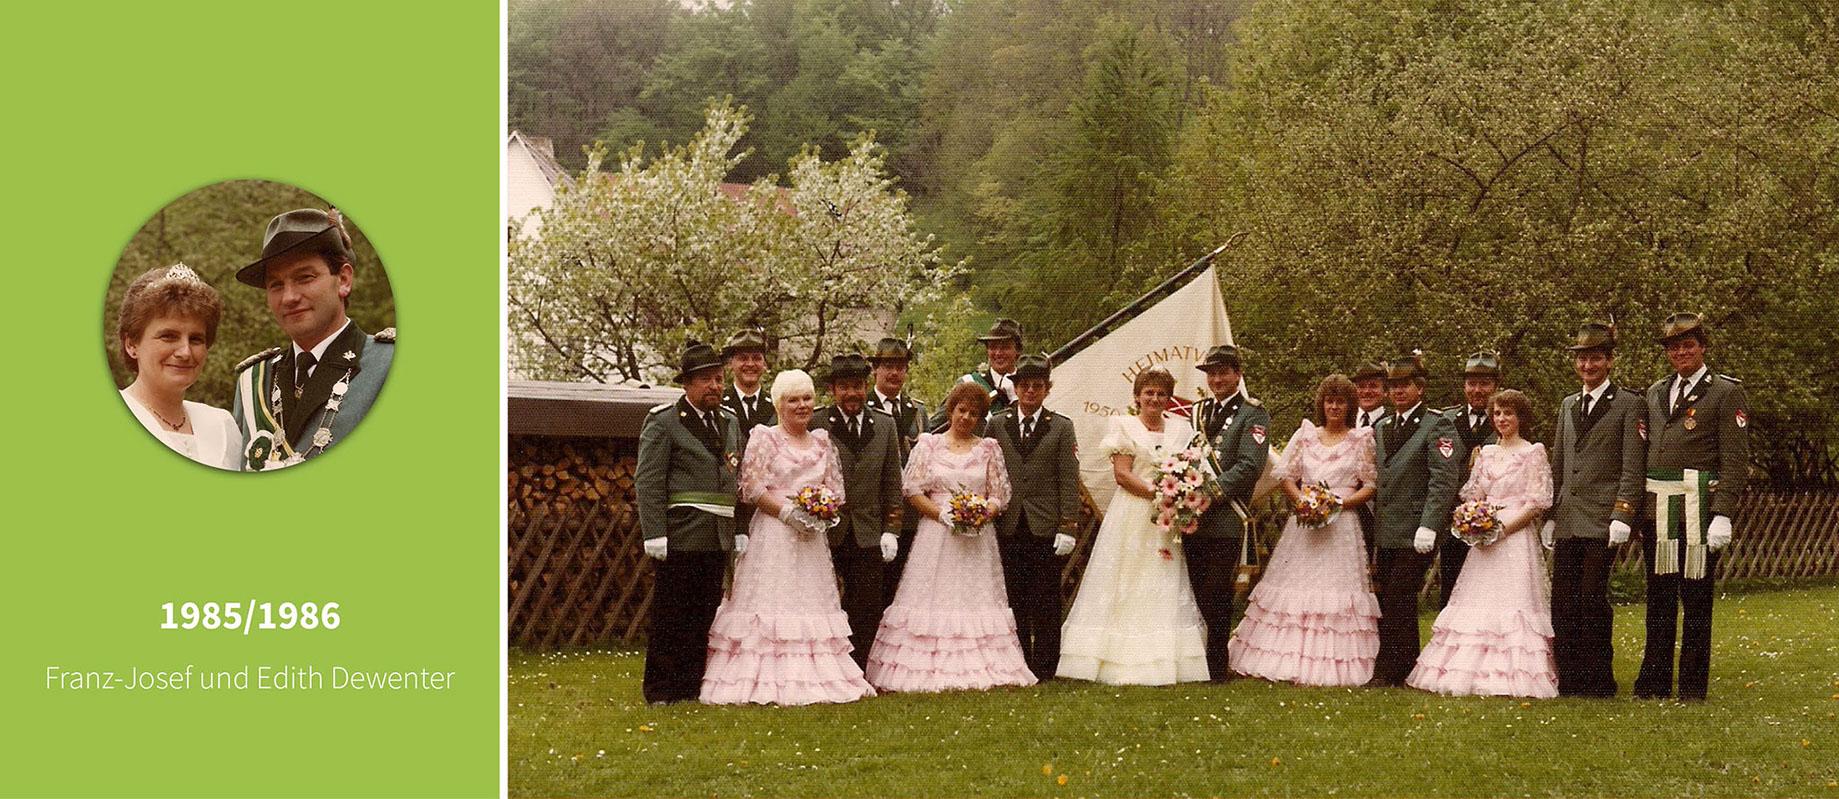 1985_1986_franz-josef-und-edith-dewenter_2x